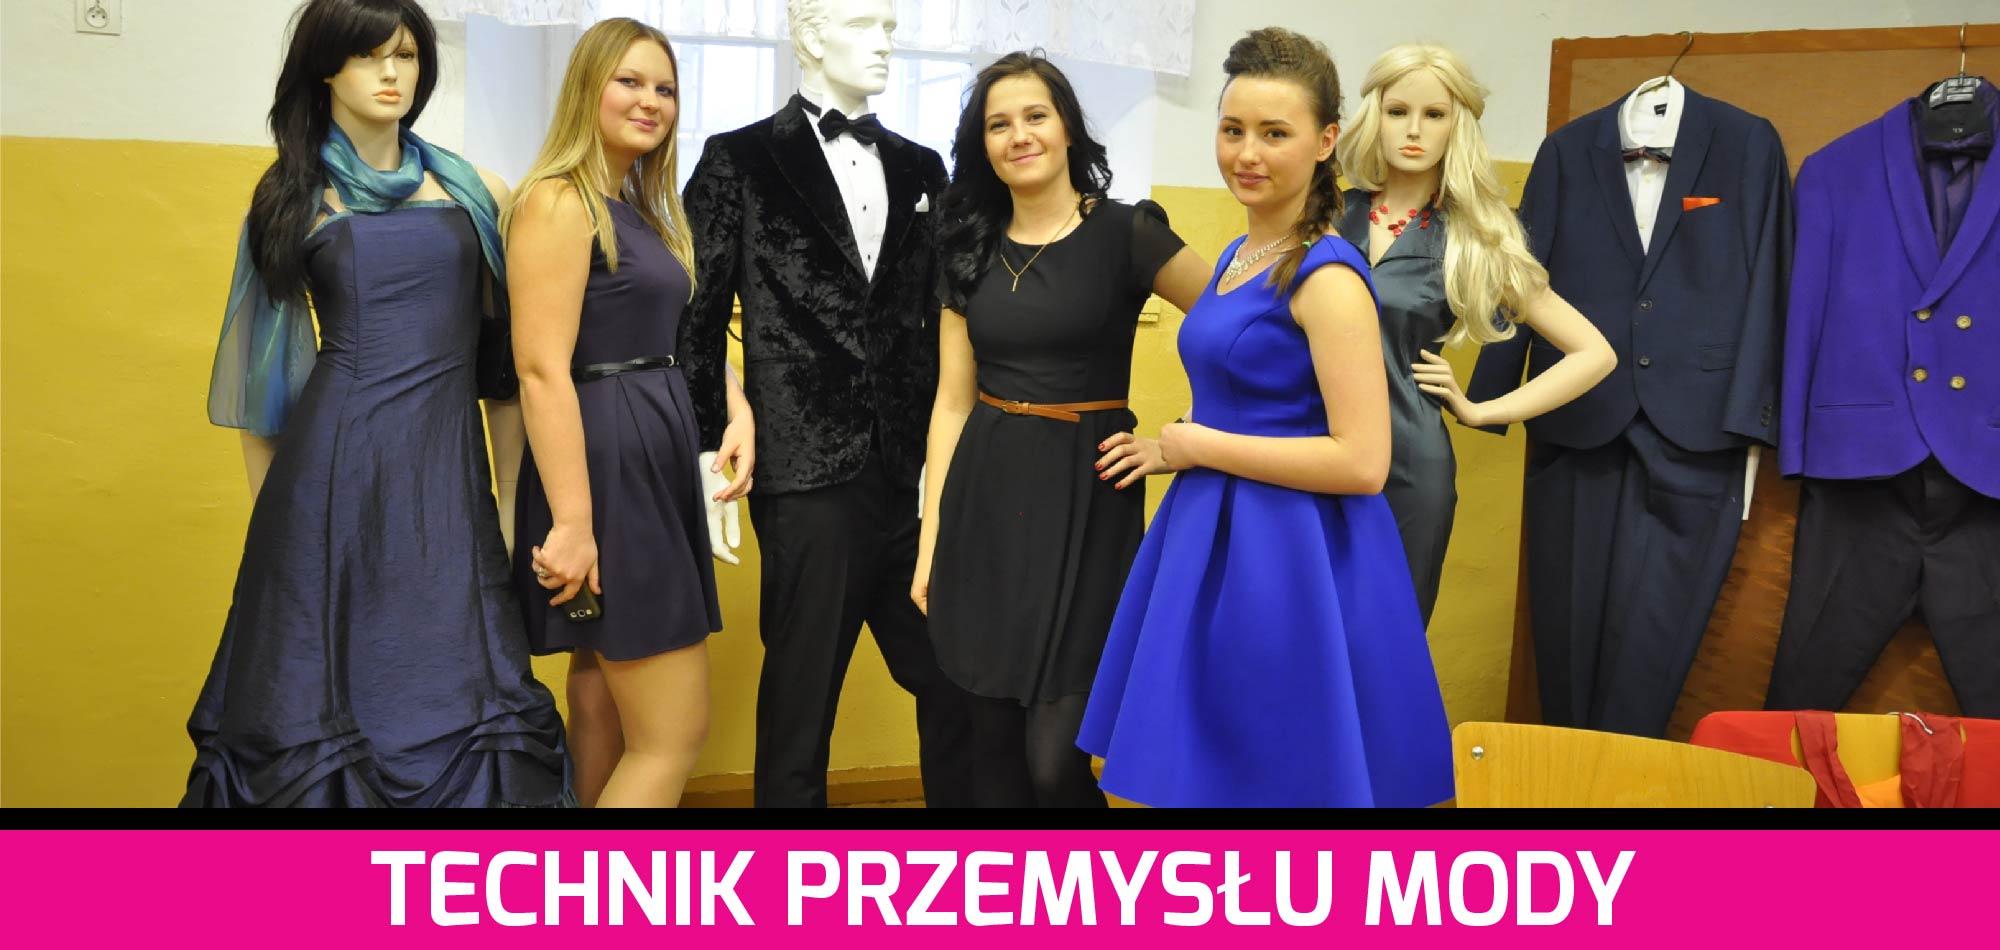 Technik przemysłu mody | Technikum Nr1 wZamościu